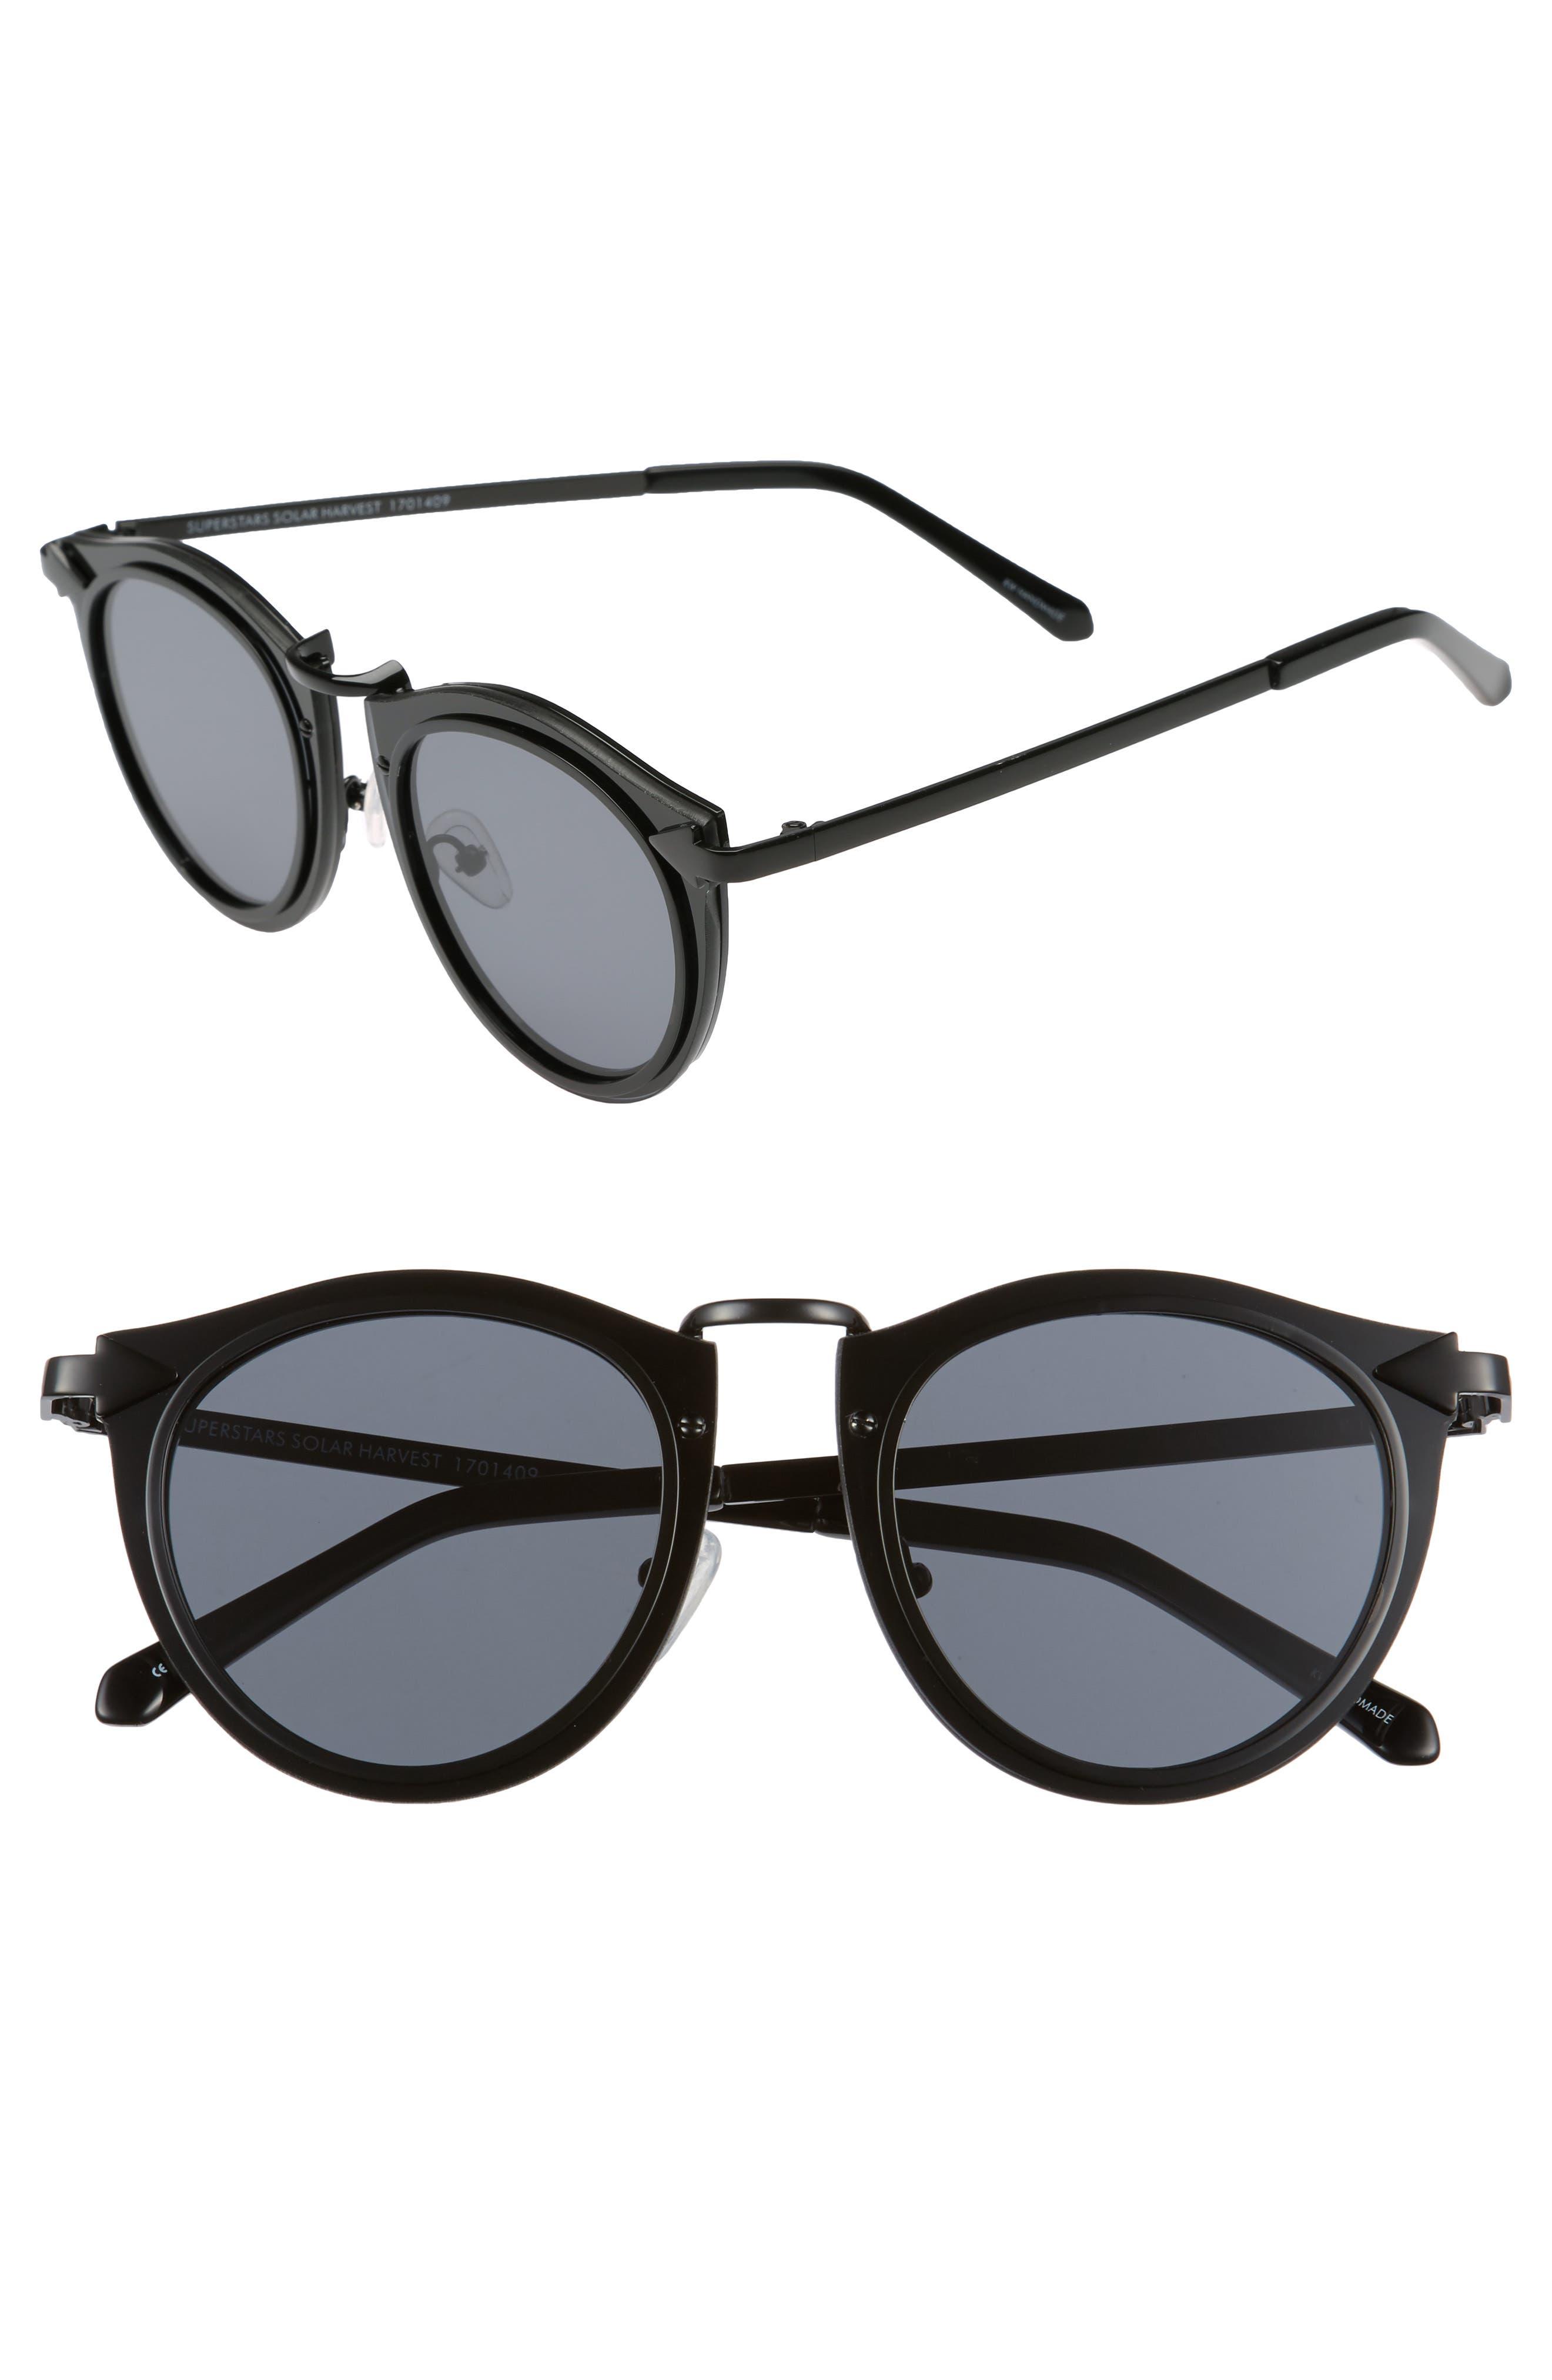 Alternate Image 1 Selected - Karen Walker Superstars - Solar 50mm Retro Sunglasses